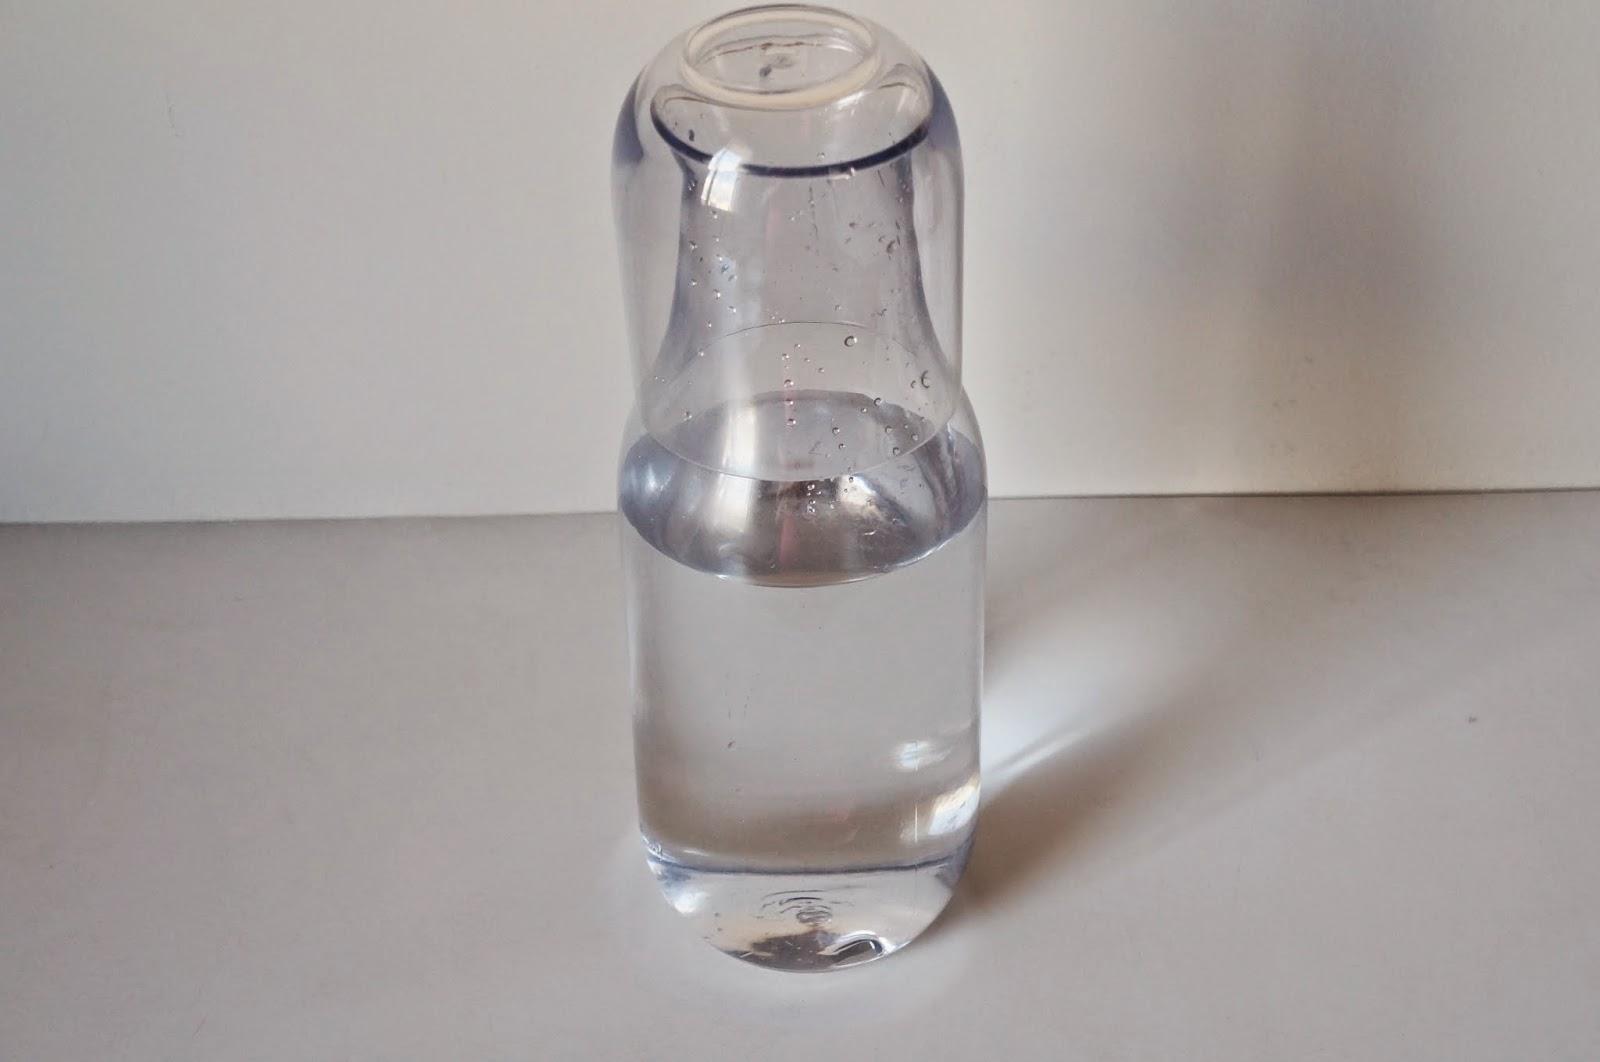 Moringa plástica transparente - Dellabino